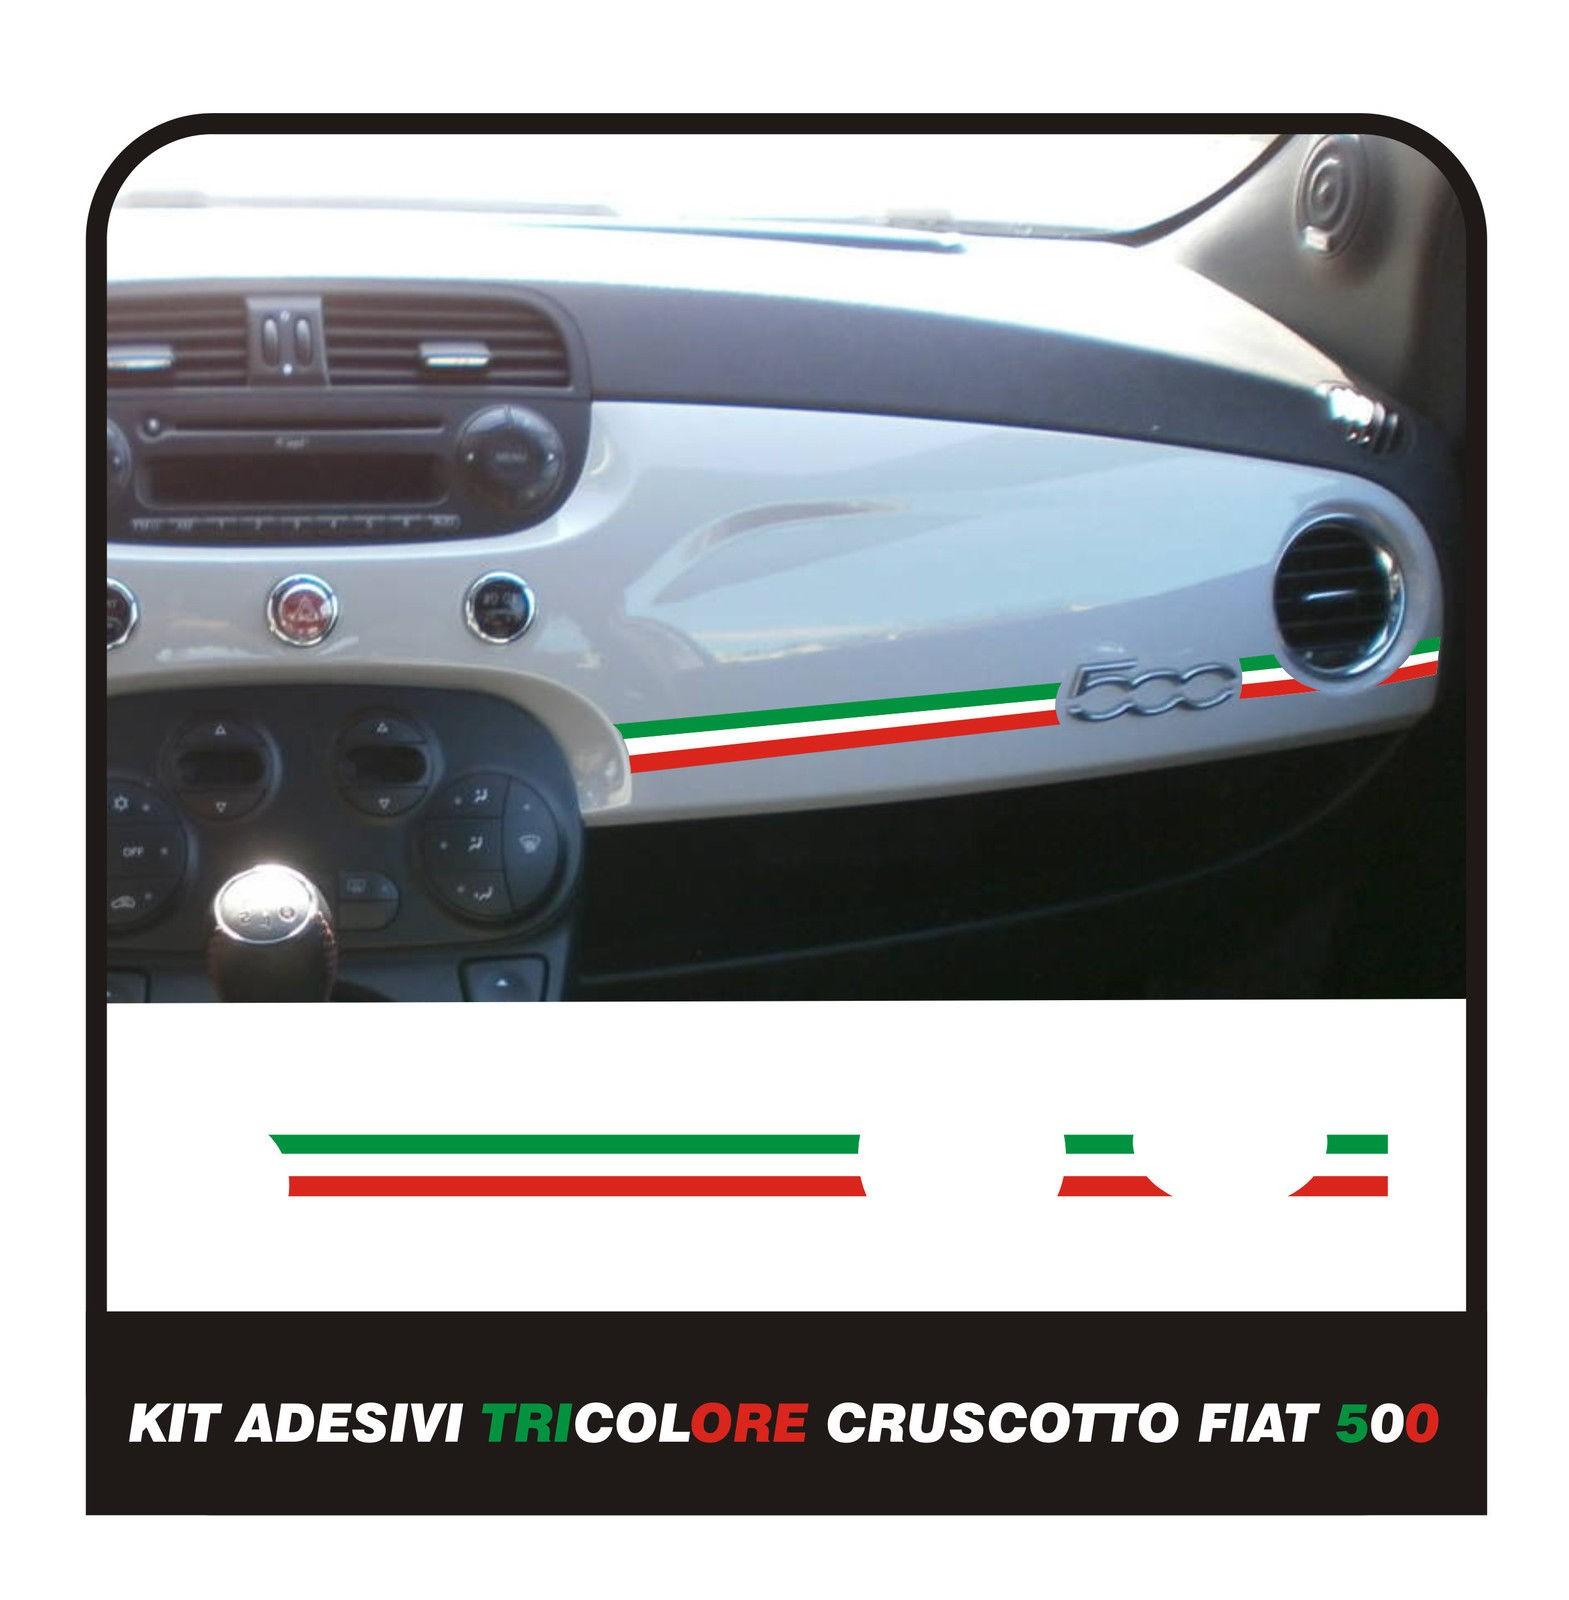 Auto Tuning Ed Elaborazione Stripes Strisce Adesive Per Cruscotto Fiat 500 Tricolore Italia Grudigital Com Br